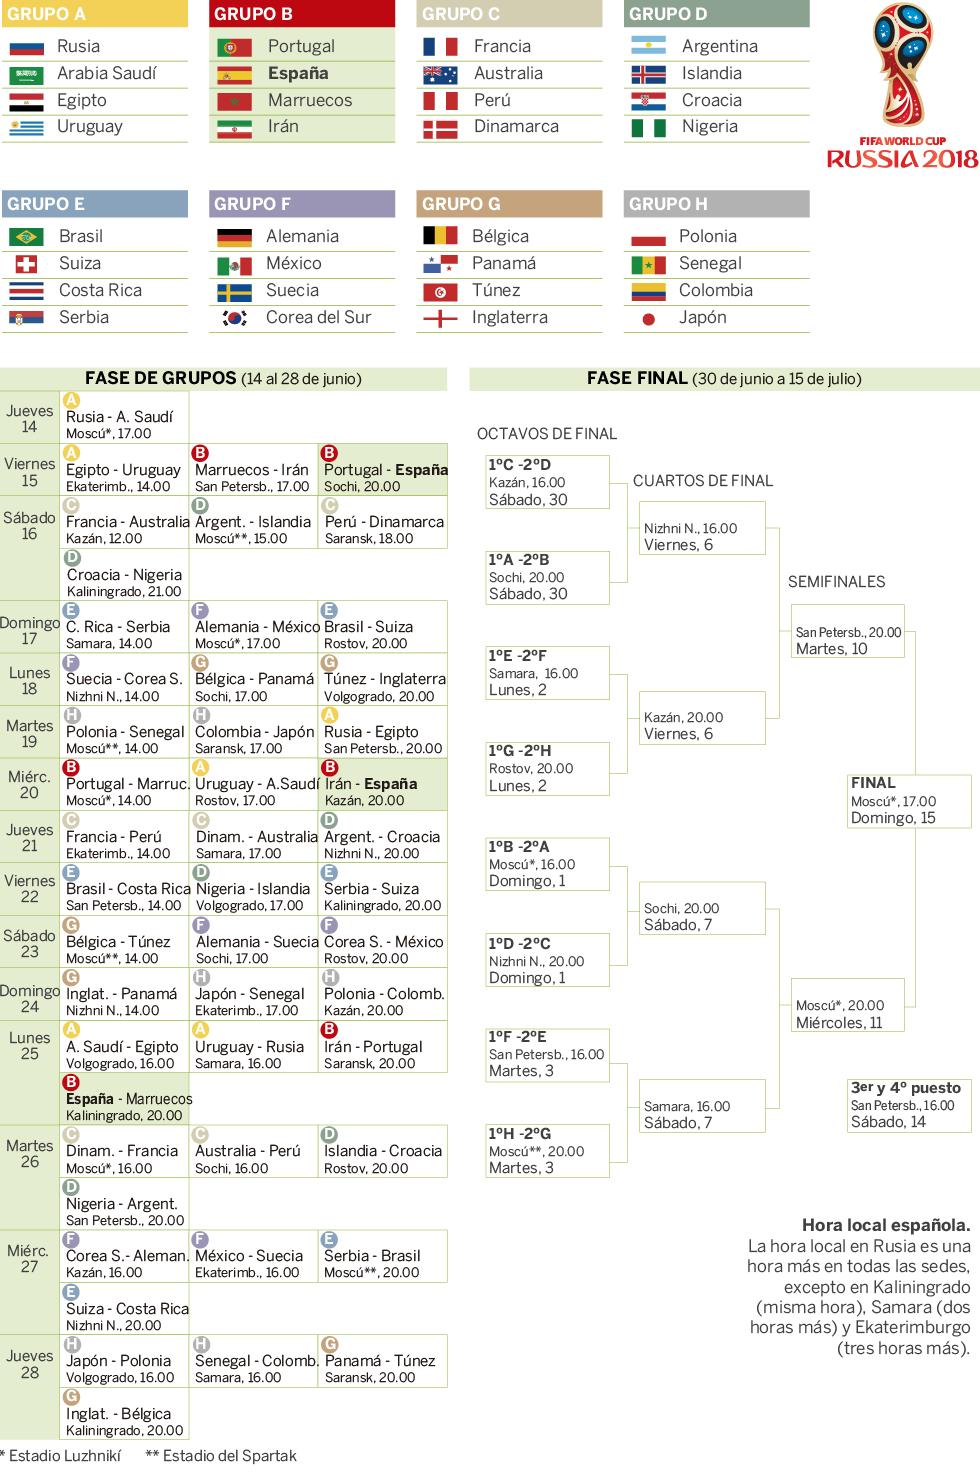 Calendario y grupos del Mundial de Futbol Rusia 2018. Calendario y grupos Mundial Rusia 2018